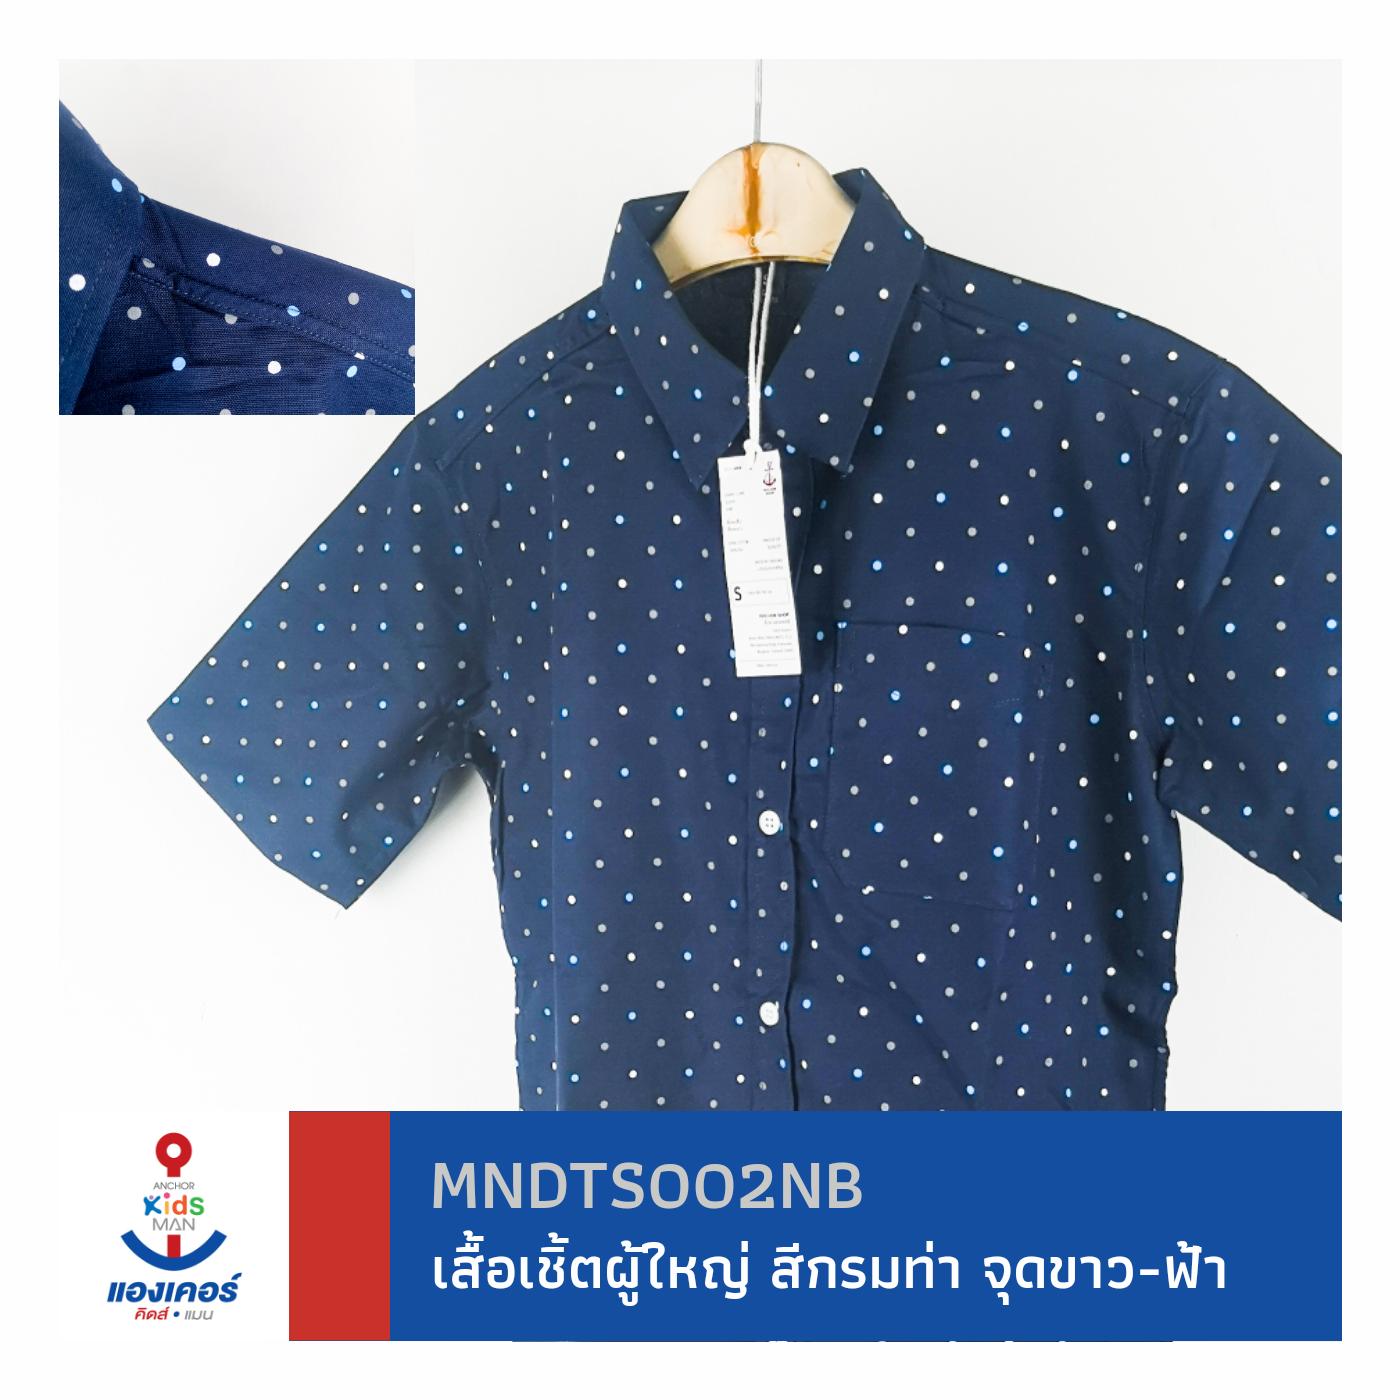 Man Dot Navy Blue เสื้อเชิ้ตสุภาพบุรุษ สีกรมท่า ลายจุด